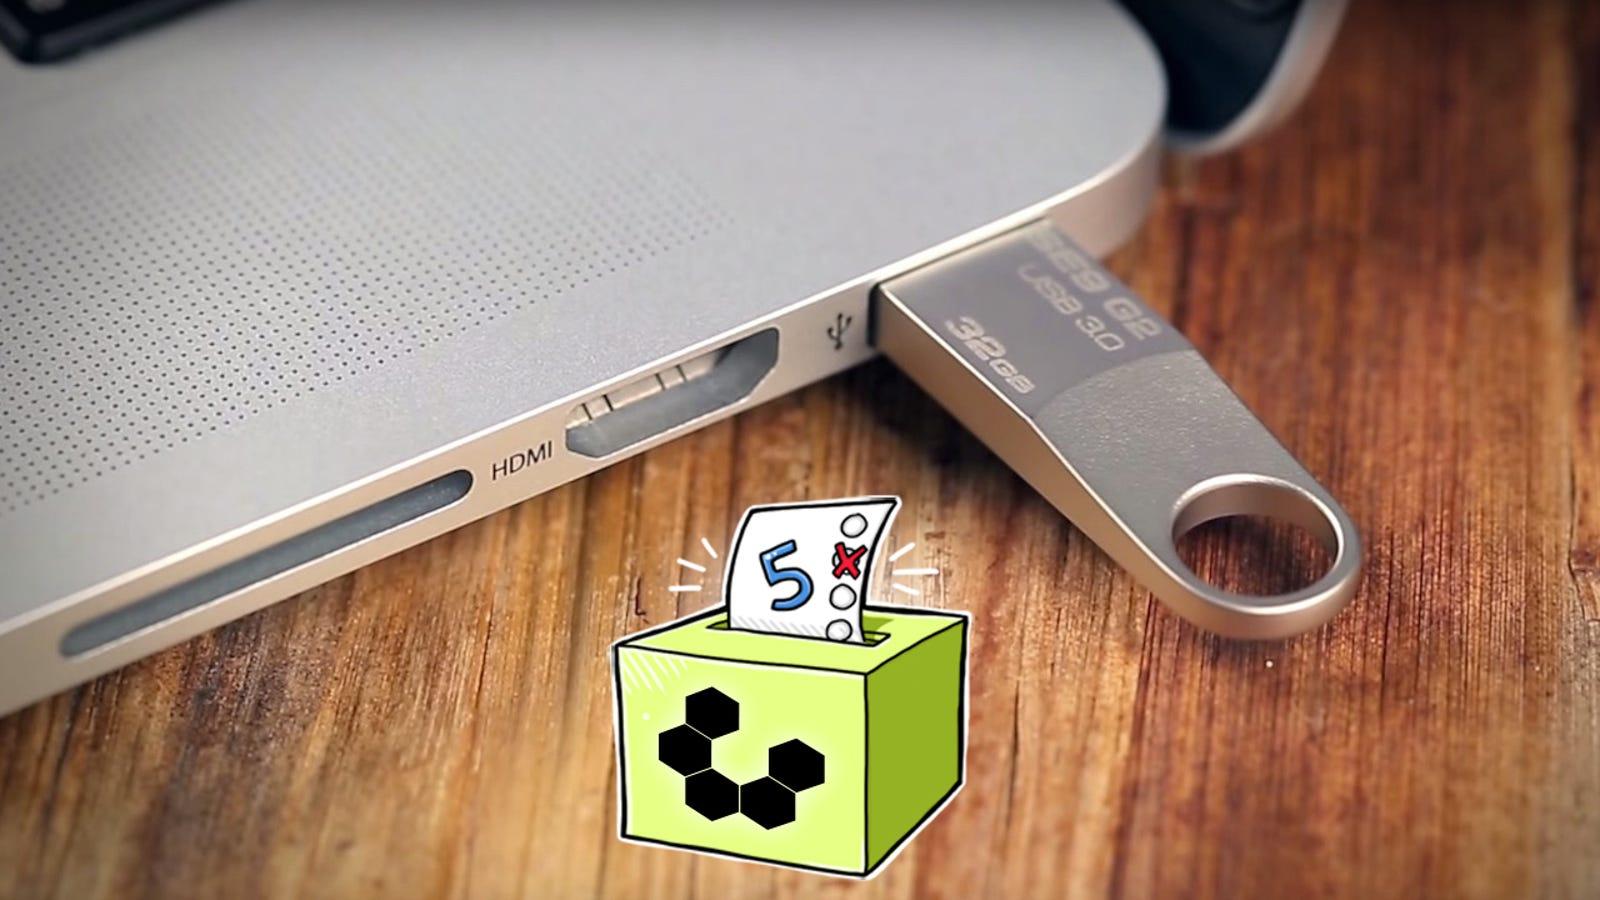 Five Best Usb 30 Flash Drives Sandisk Flashdisk Ultra Fit Drive 32gb